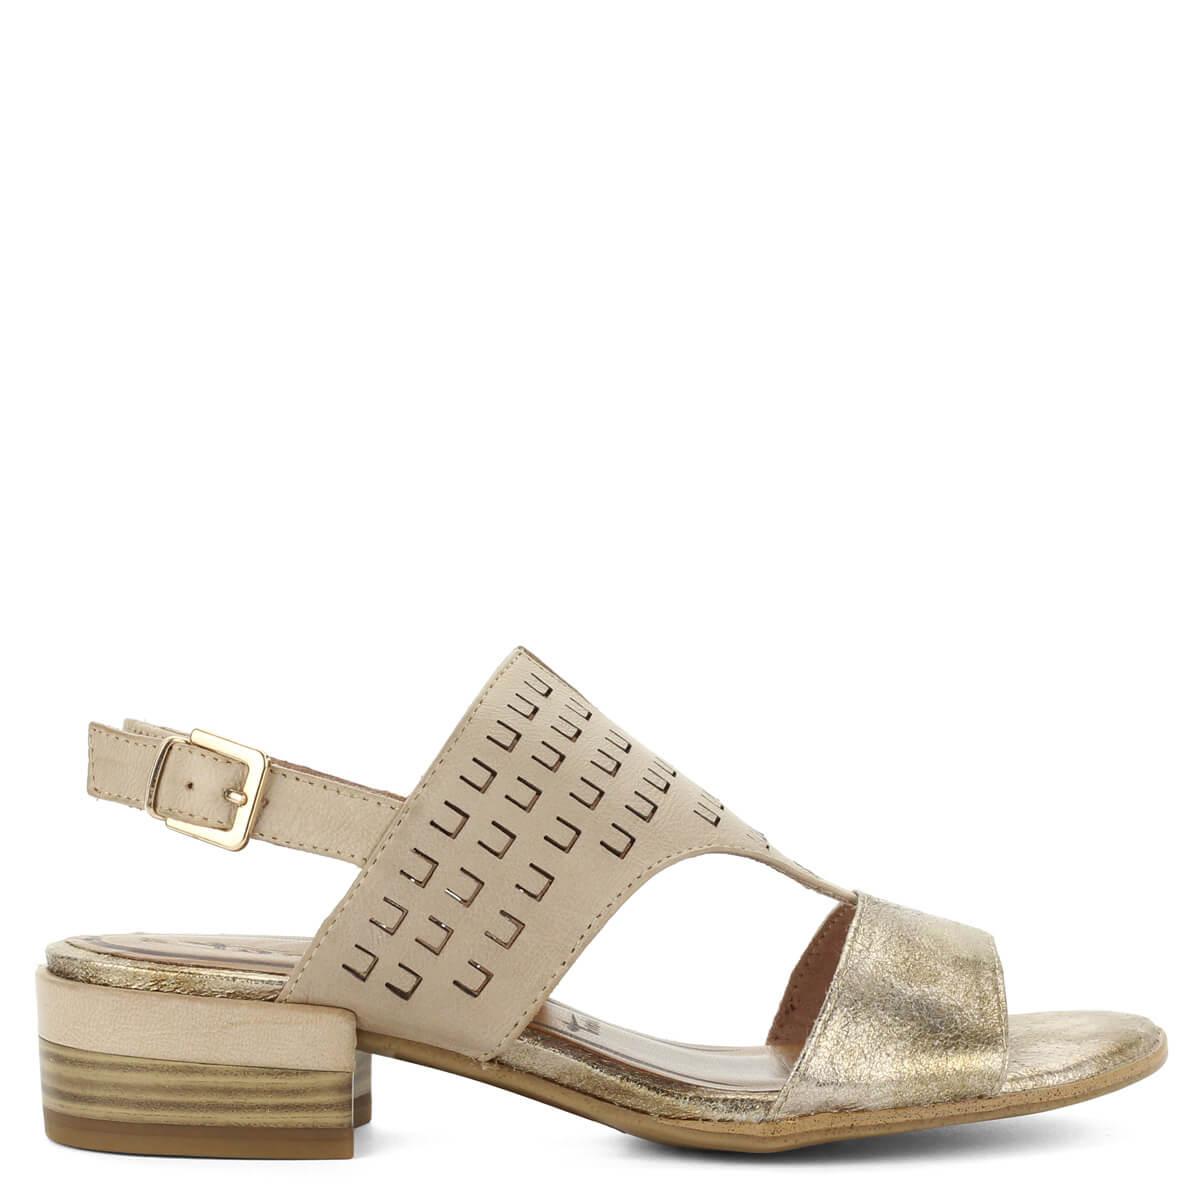 74c30c65e9 ChiX Női cipő webáruház - cipő, cipők online, alkalmi cipők